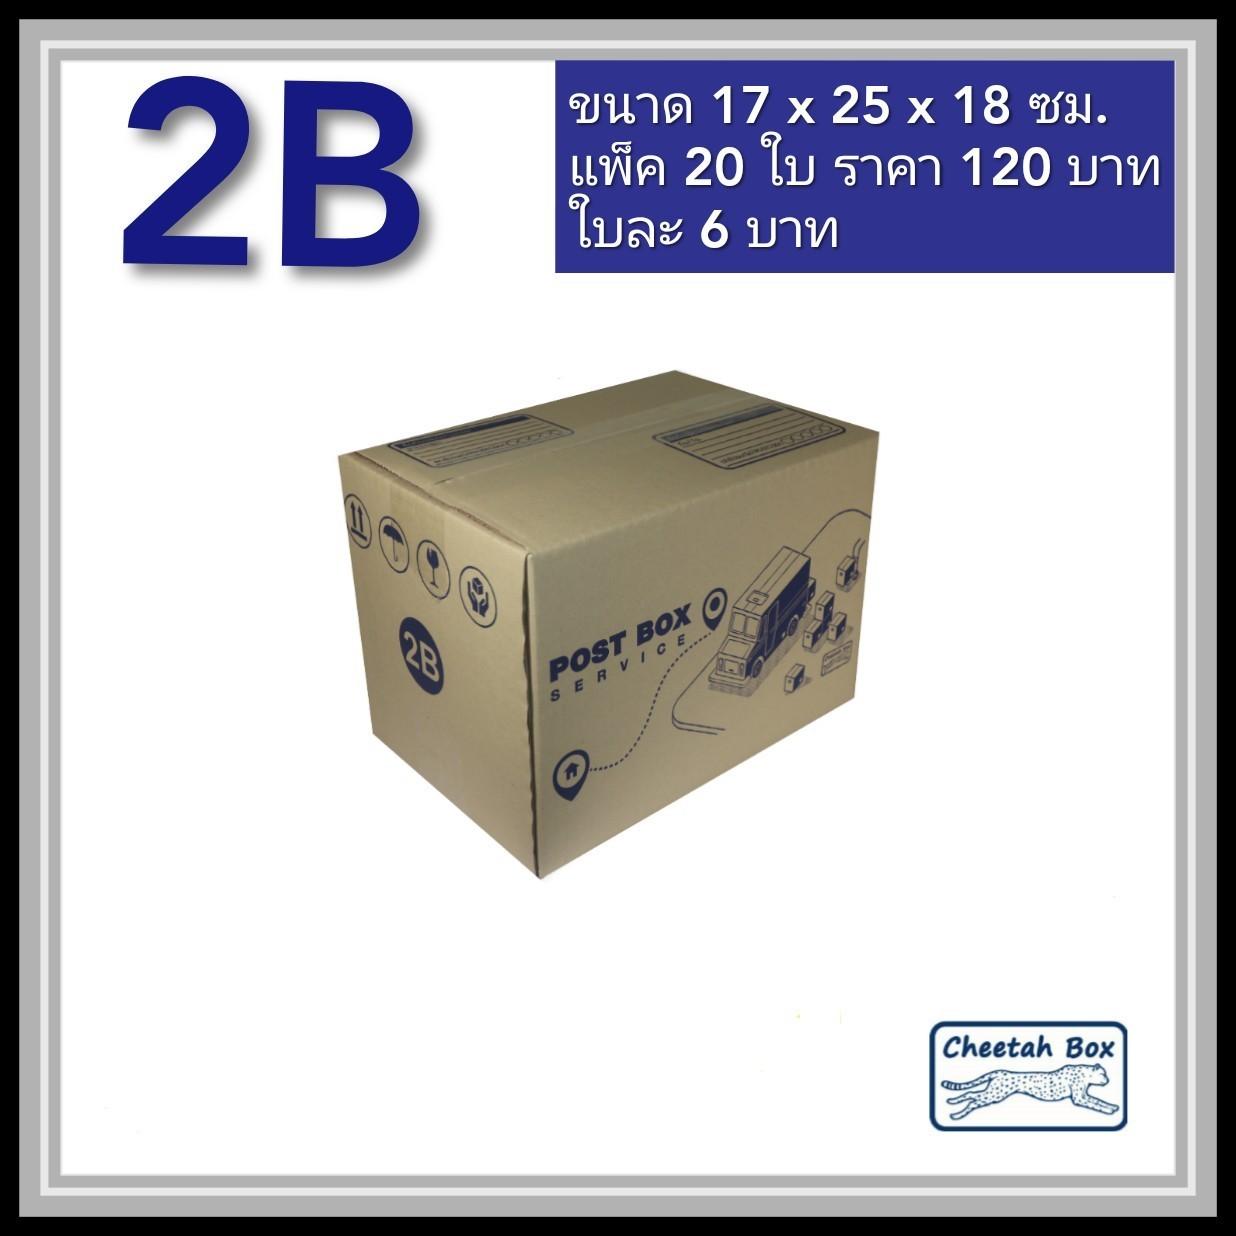 กล่องไปรษณีย์ 2B (Cheetah Box ขนาด 17*25*18 CM)